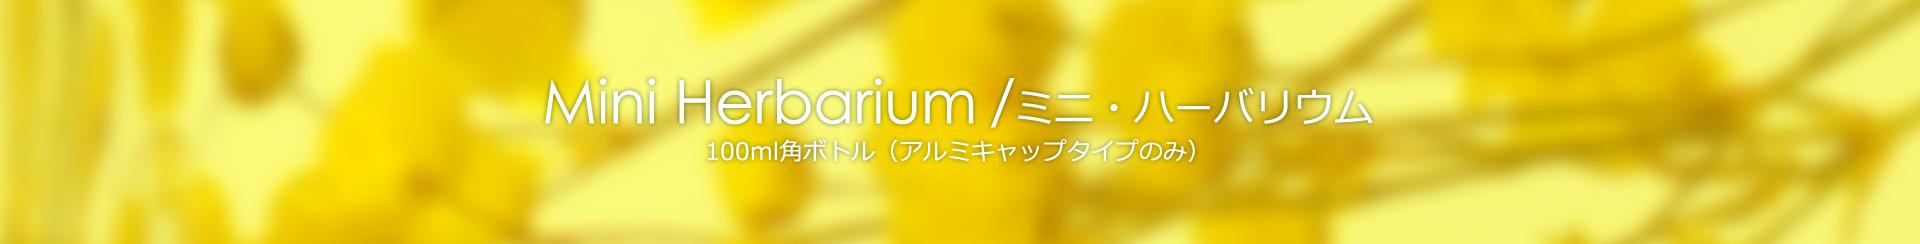 ミニ・ハーバリウム